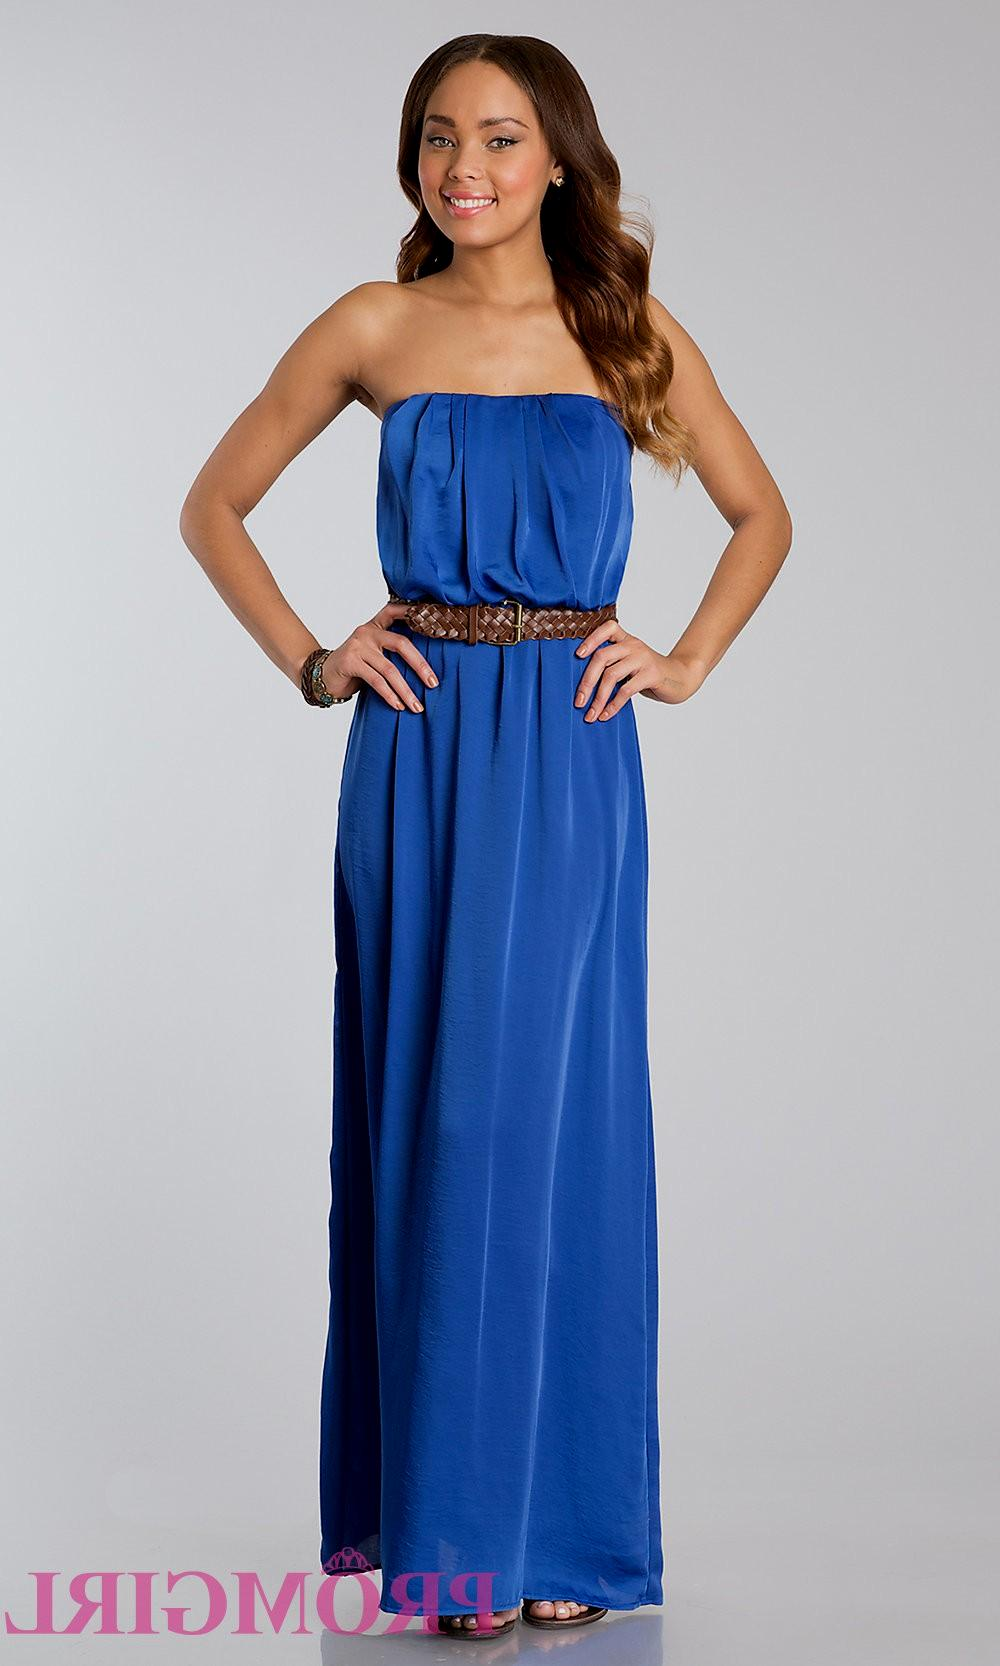 casual navy blue maxi dress photo - 1